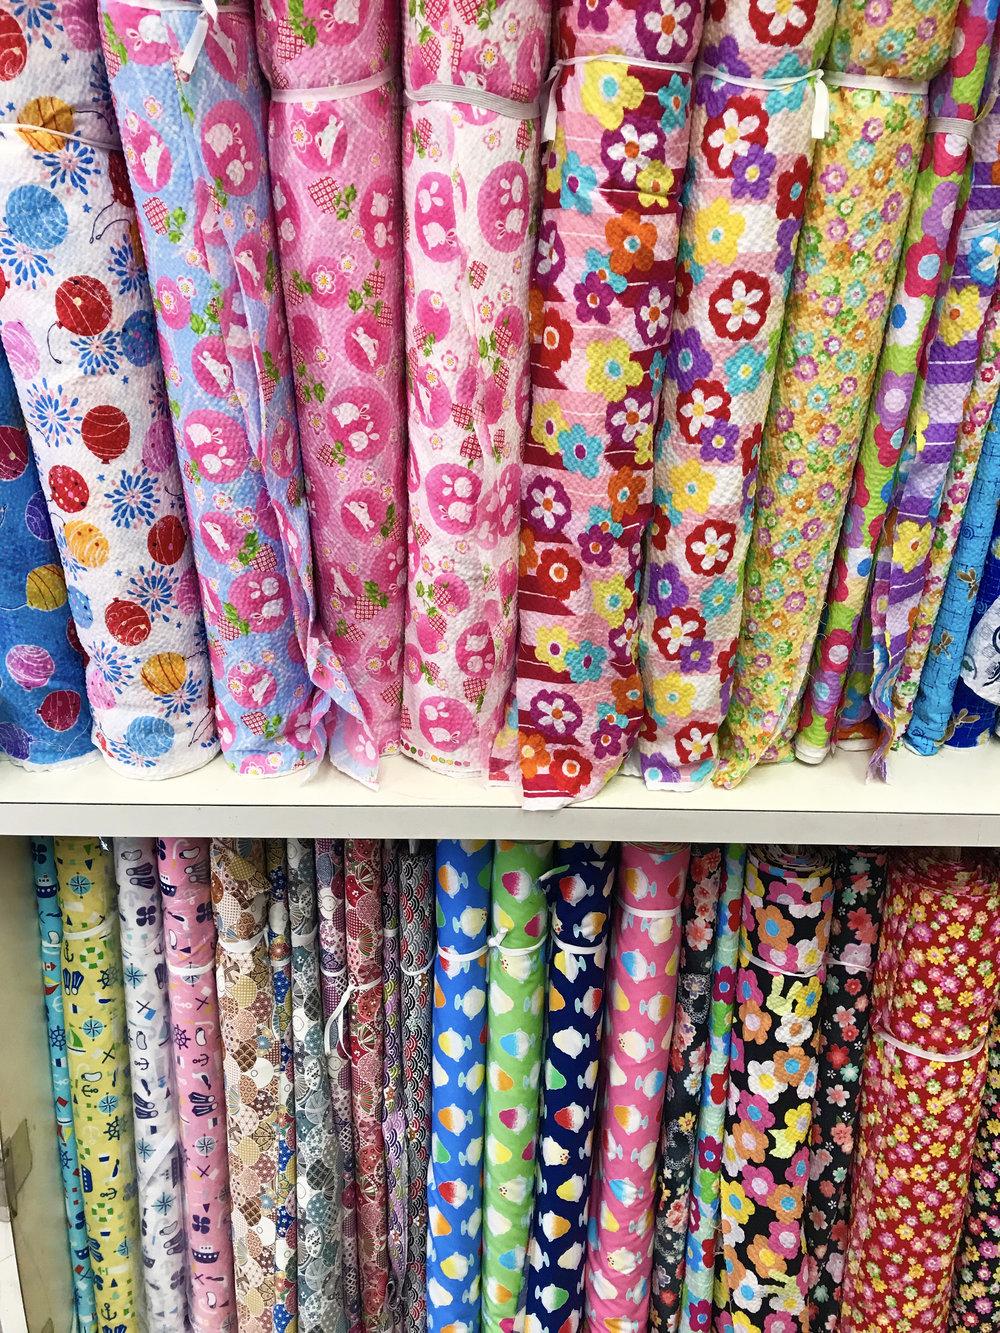 Cotton yukata fabrics in Nippori Textile Town.